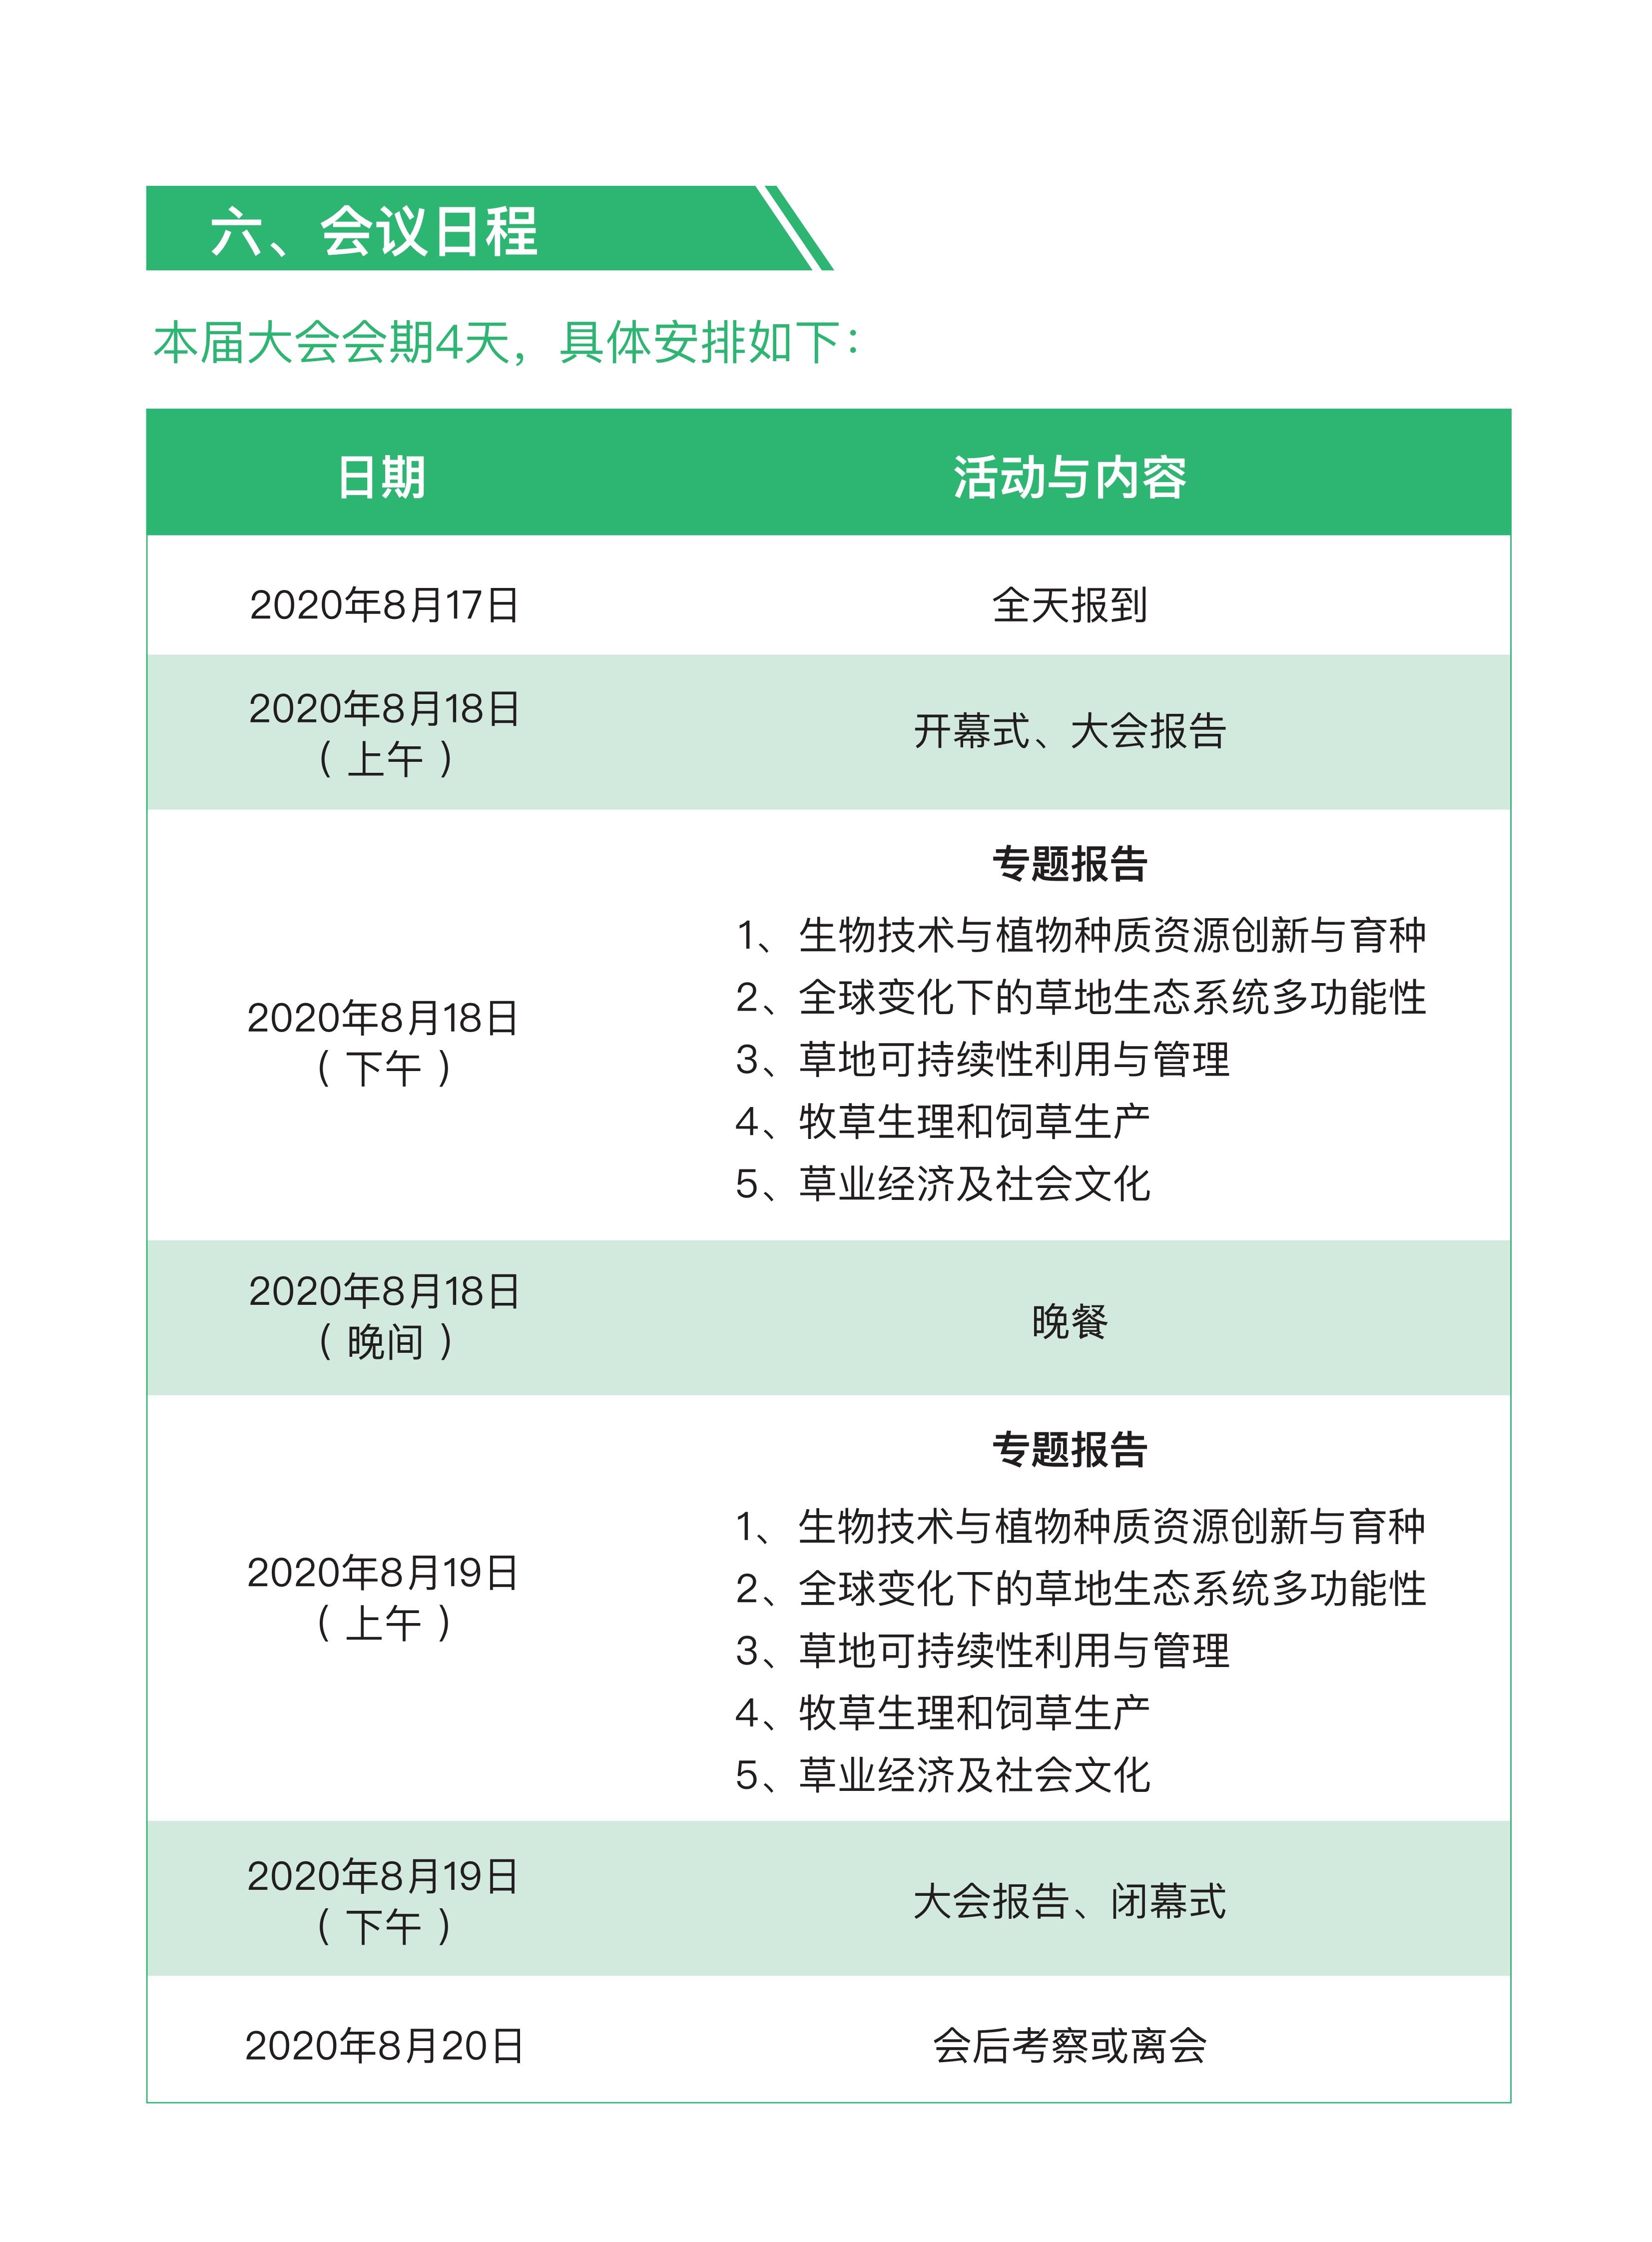 021716515233_00216国际草地会议-中文版回执表_6.Jpeg